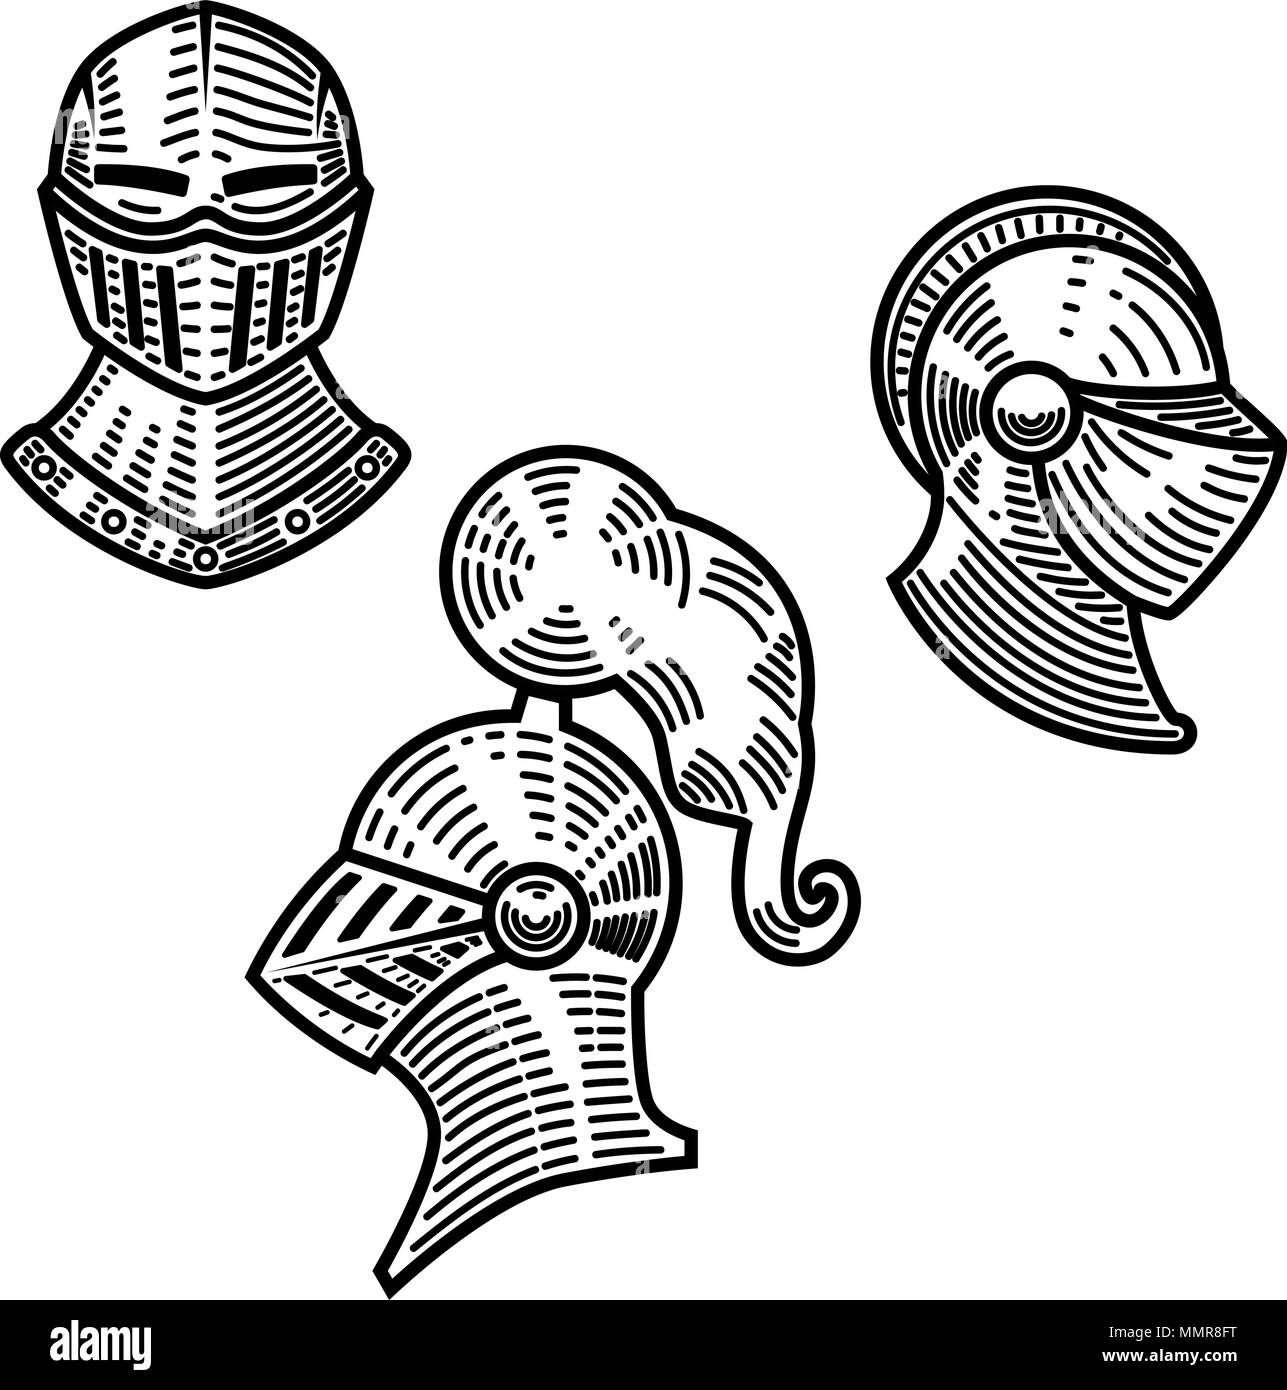 d3181b9867fb9 Conjunto de cascos knight en estilo de grabado. Elemento de diseño para el  logotipo